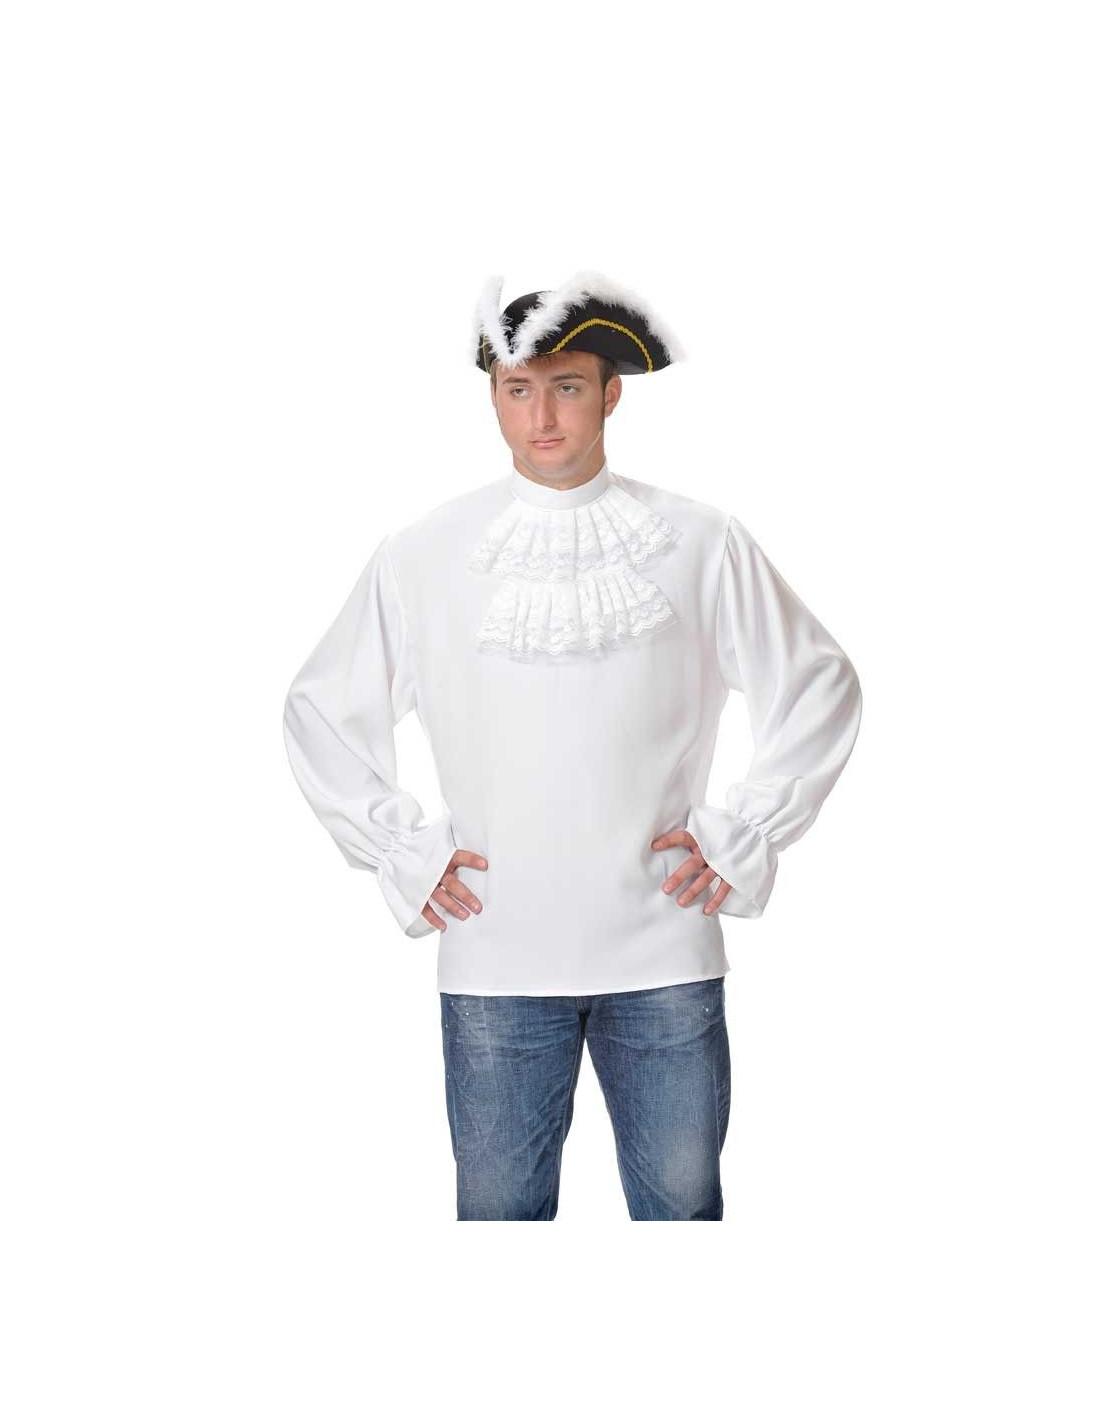 Camisas de época con chorreras - Comprar en Tienda Disfraces Bacanal 1b7afda96ab00